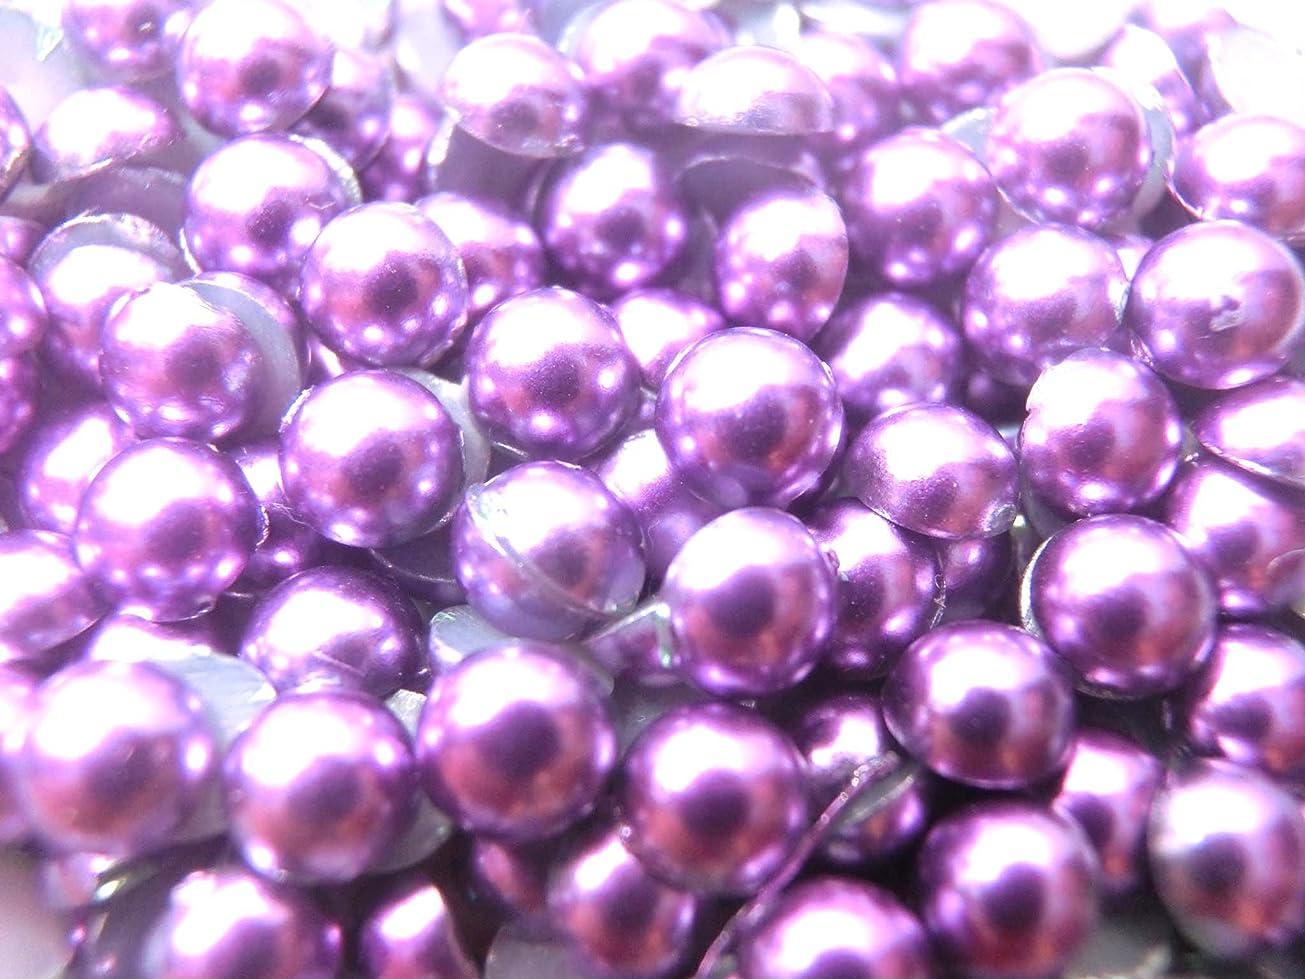 ジョグ証明する【ラインストーン77】 超高級 パールストーン 各サイズ選択可能 2mm~8mm 紫 (3mm (約300粒))